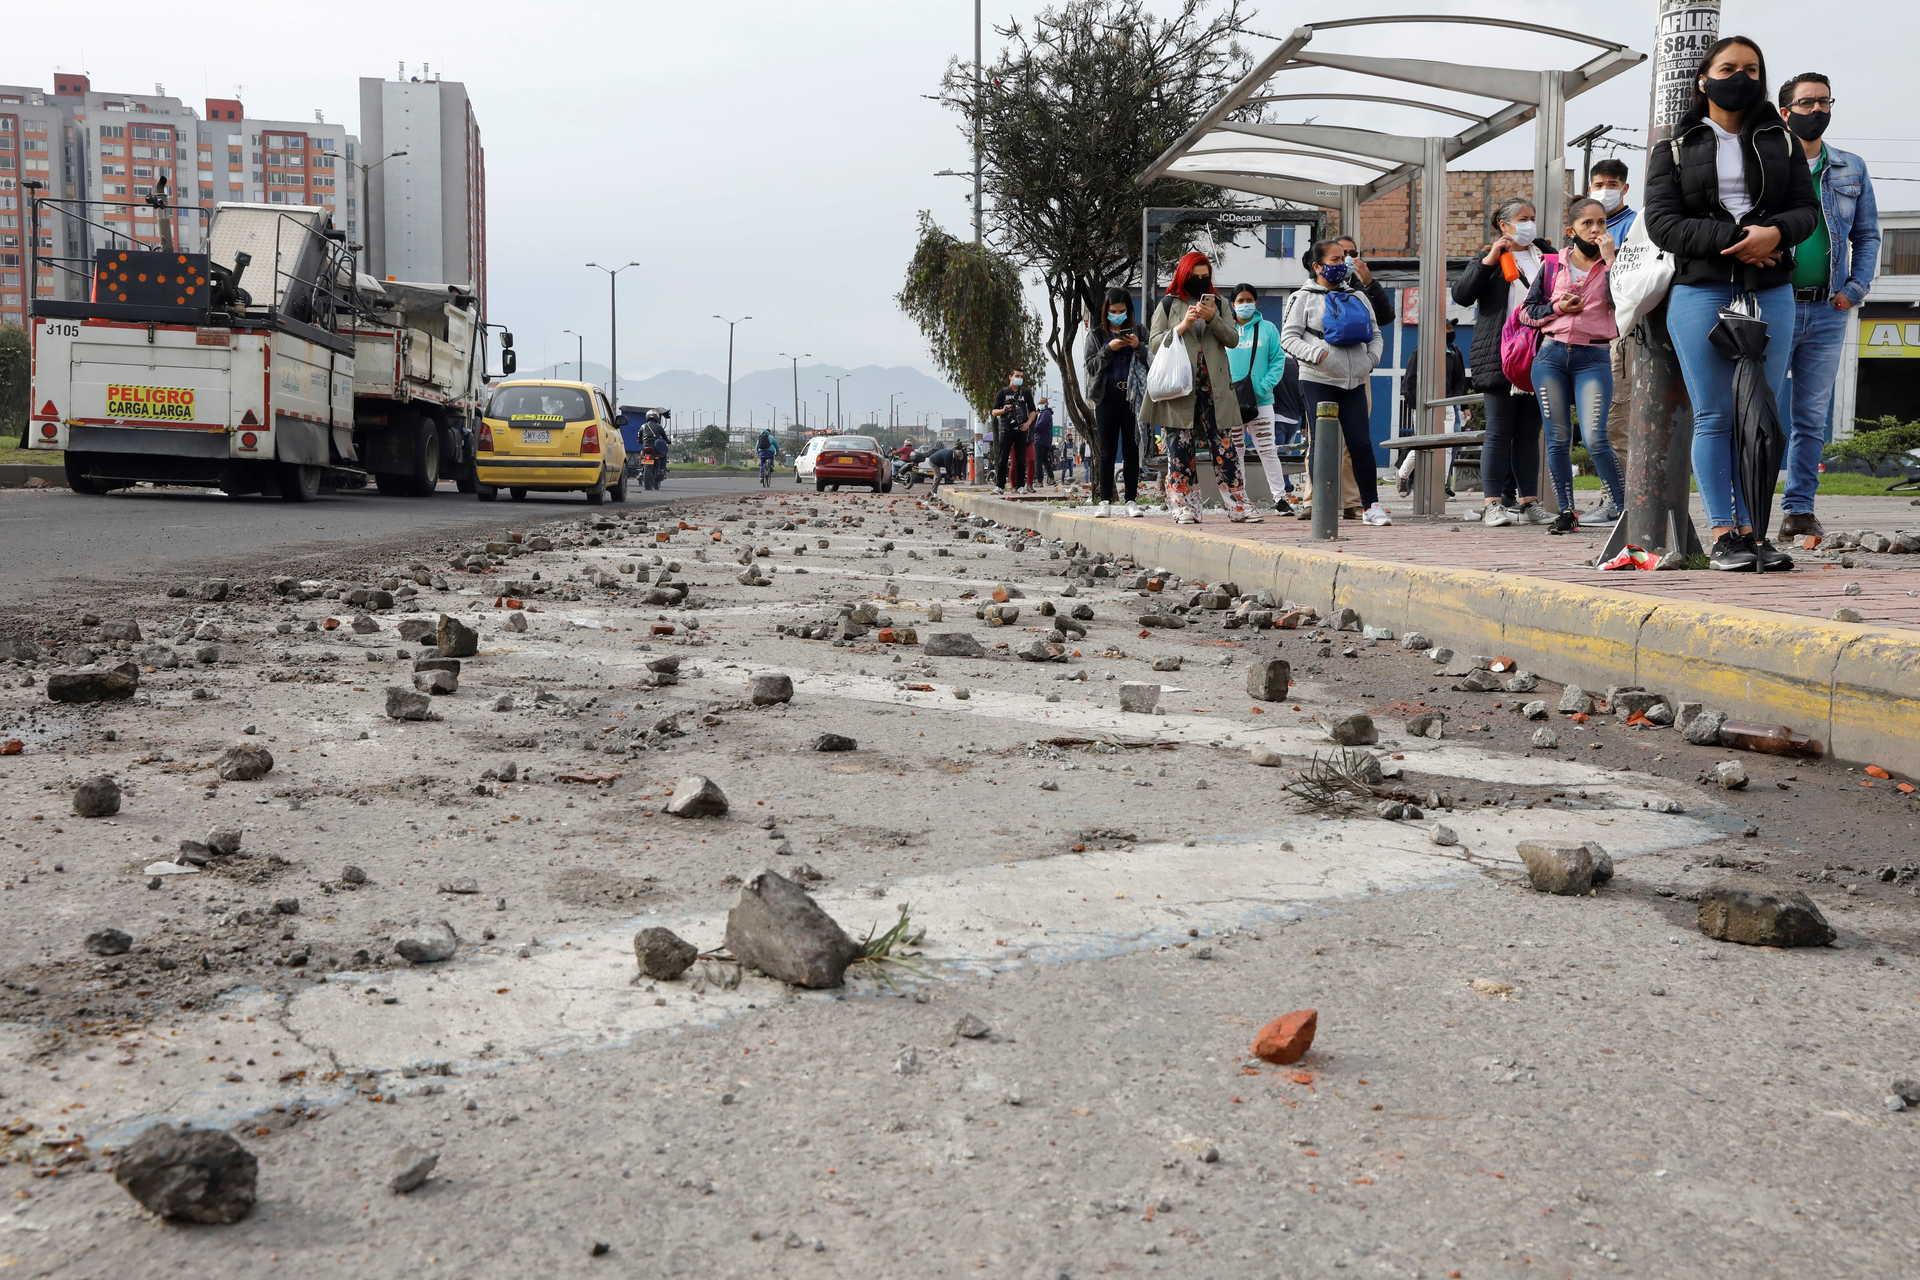 Um balanço oficial indicou que 19 pessoas morreram